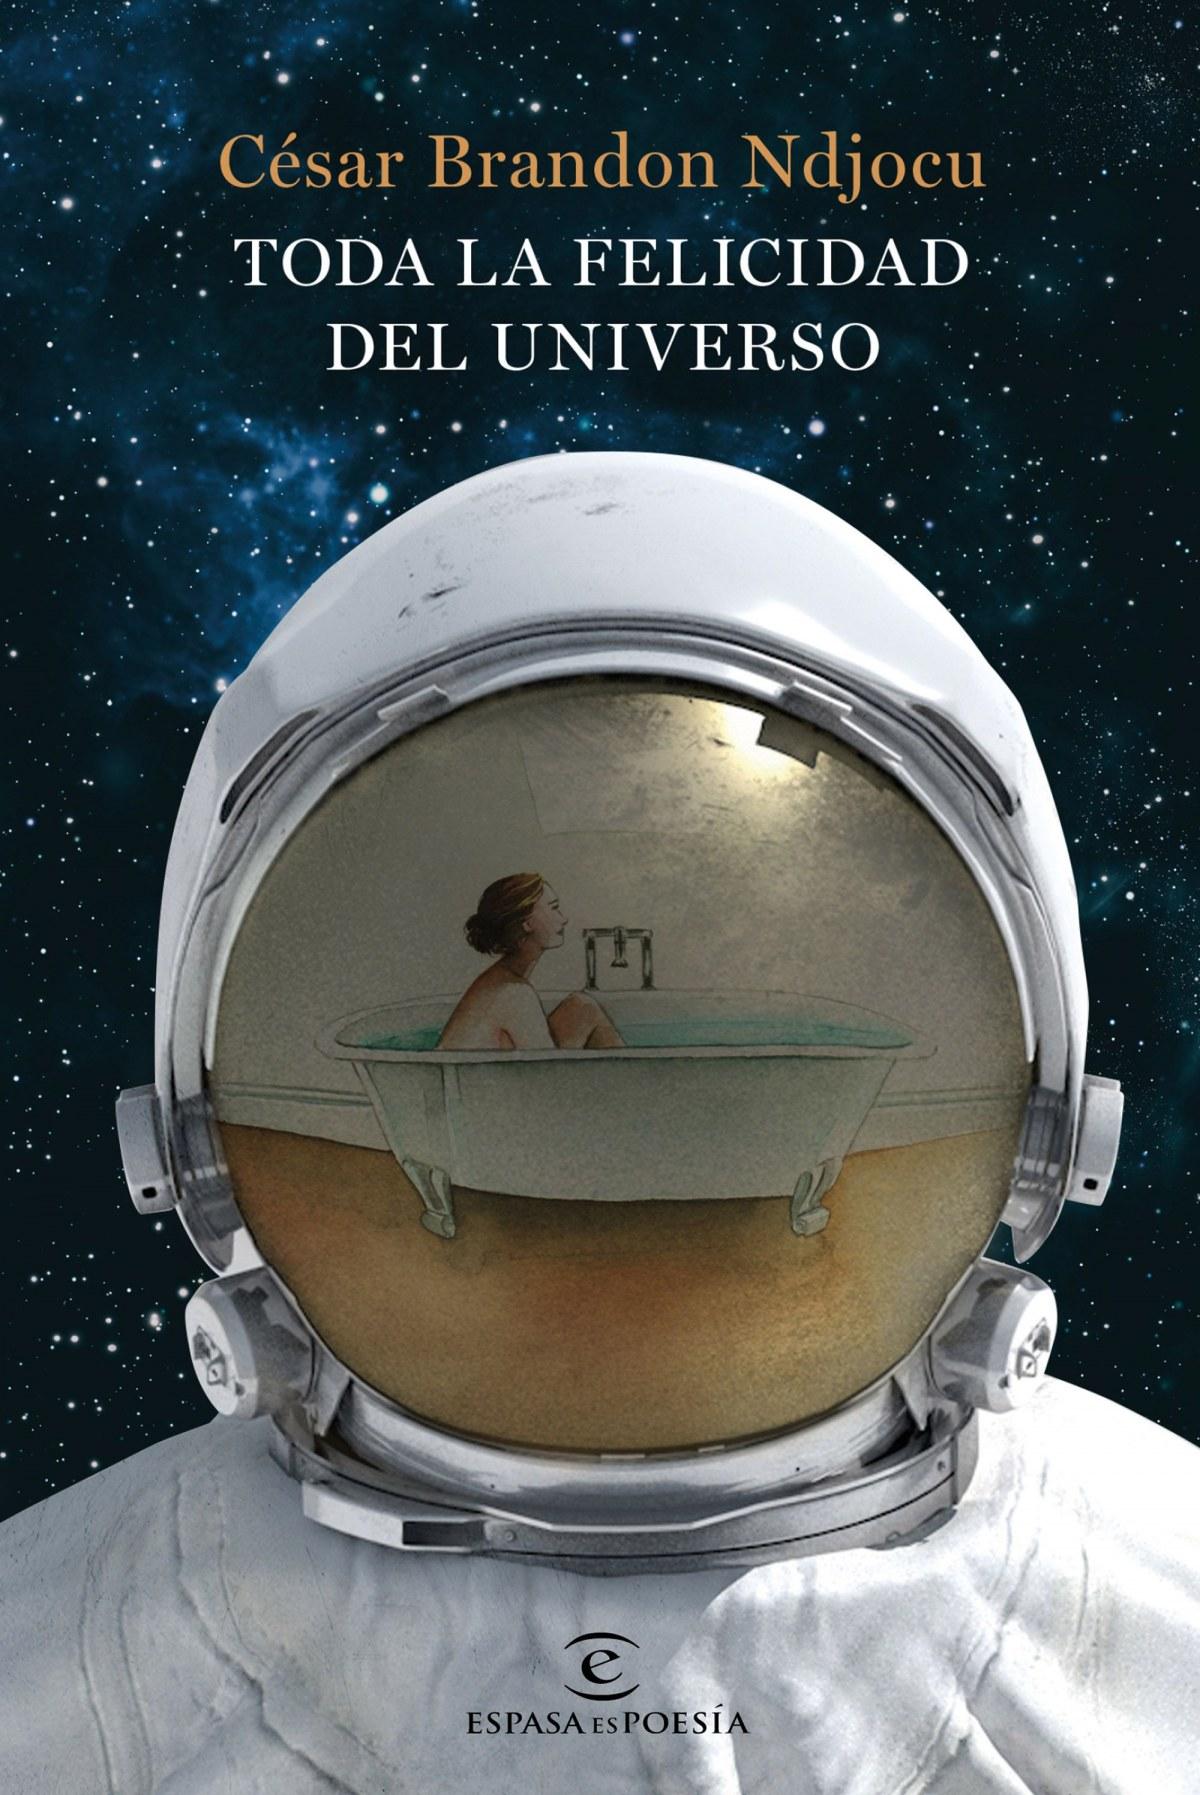 TODA LA FELICIDAD DEL UNIVERSO 9788467052619